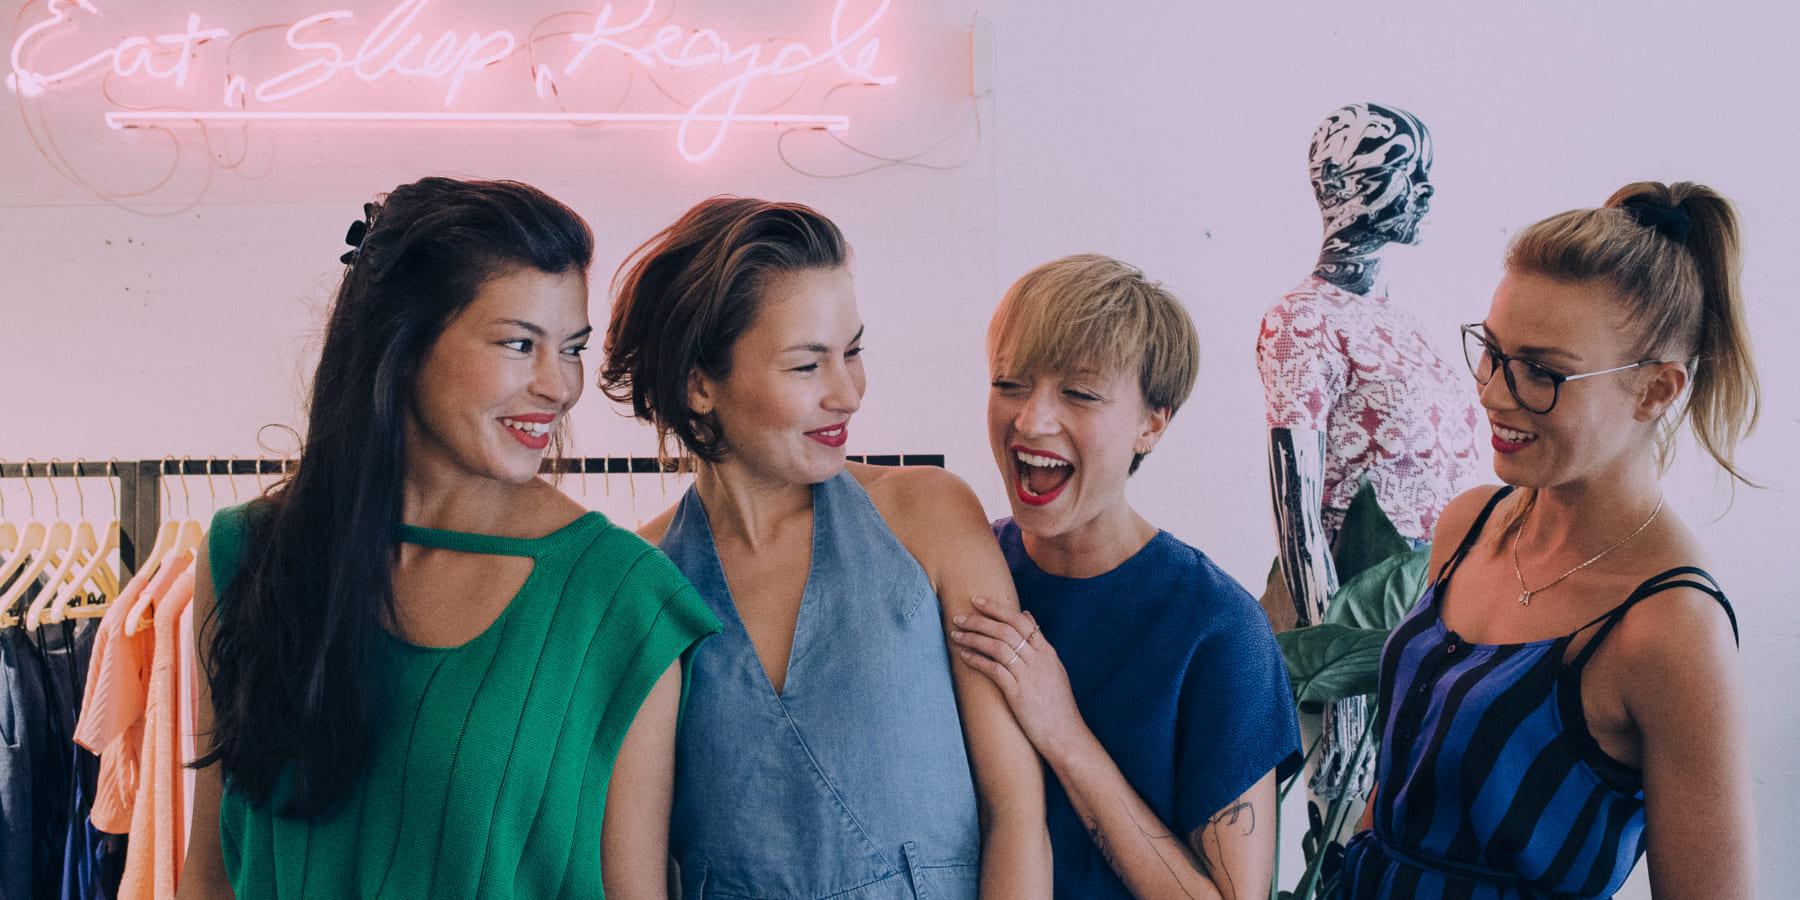 オランダ発、服との付き合い方を問う「LENAファッションライブラリー」